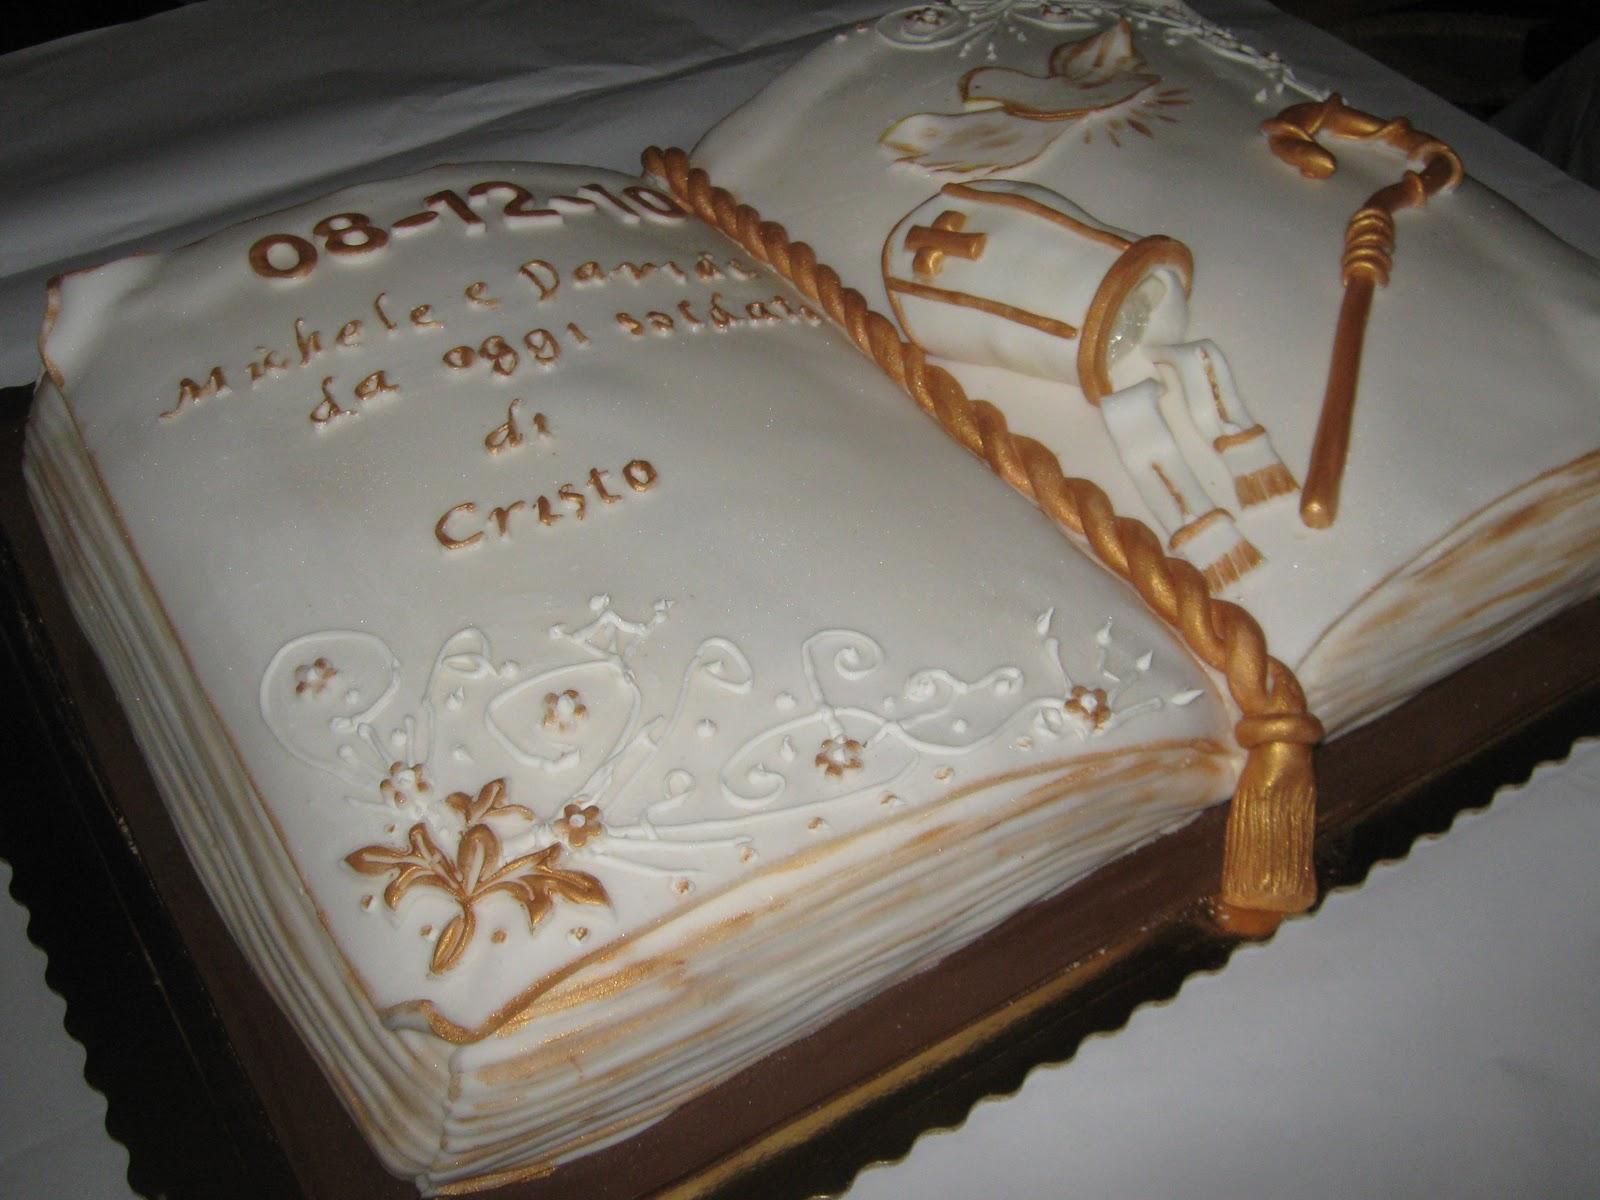 Le torte di barbara un libro aperto per una cresima for Decorazioni torte per cresima